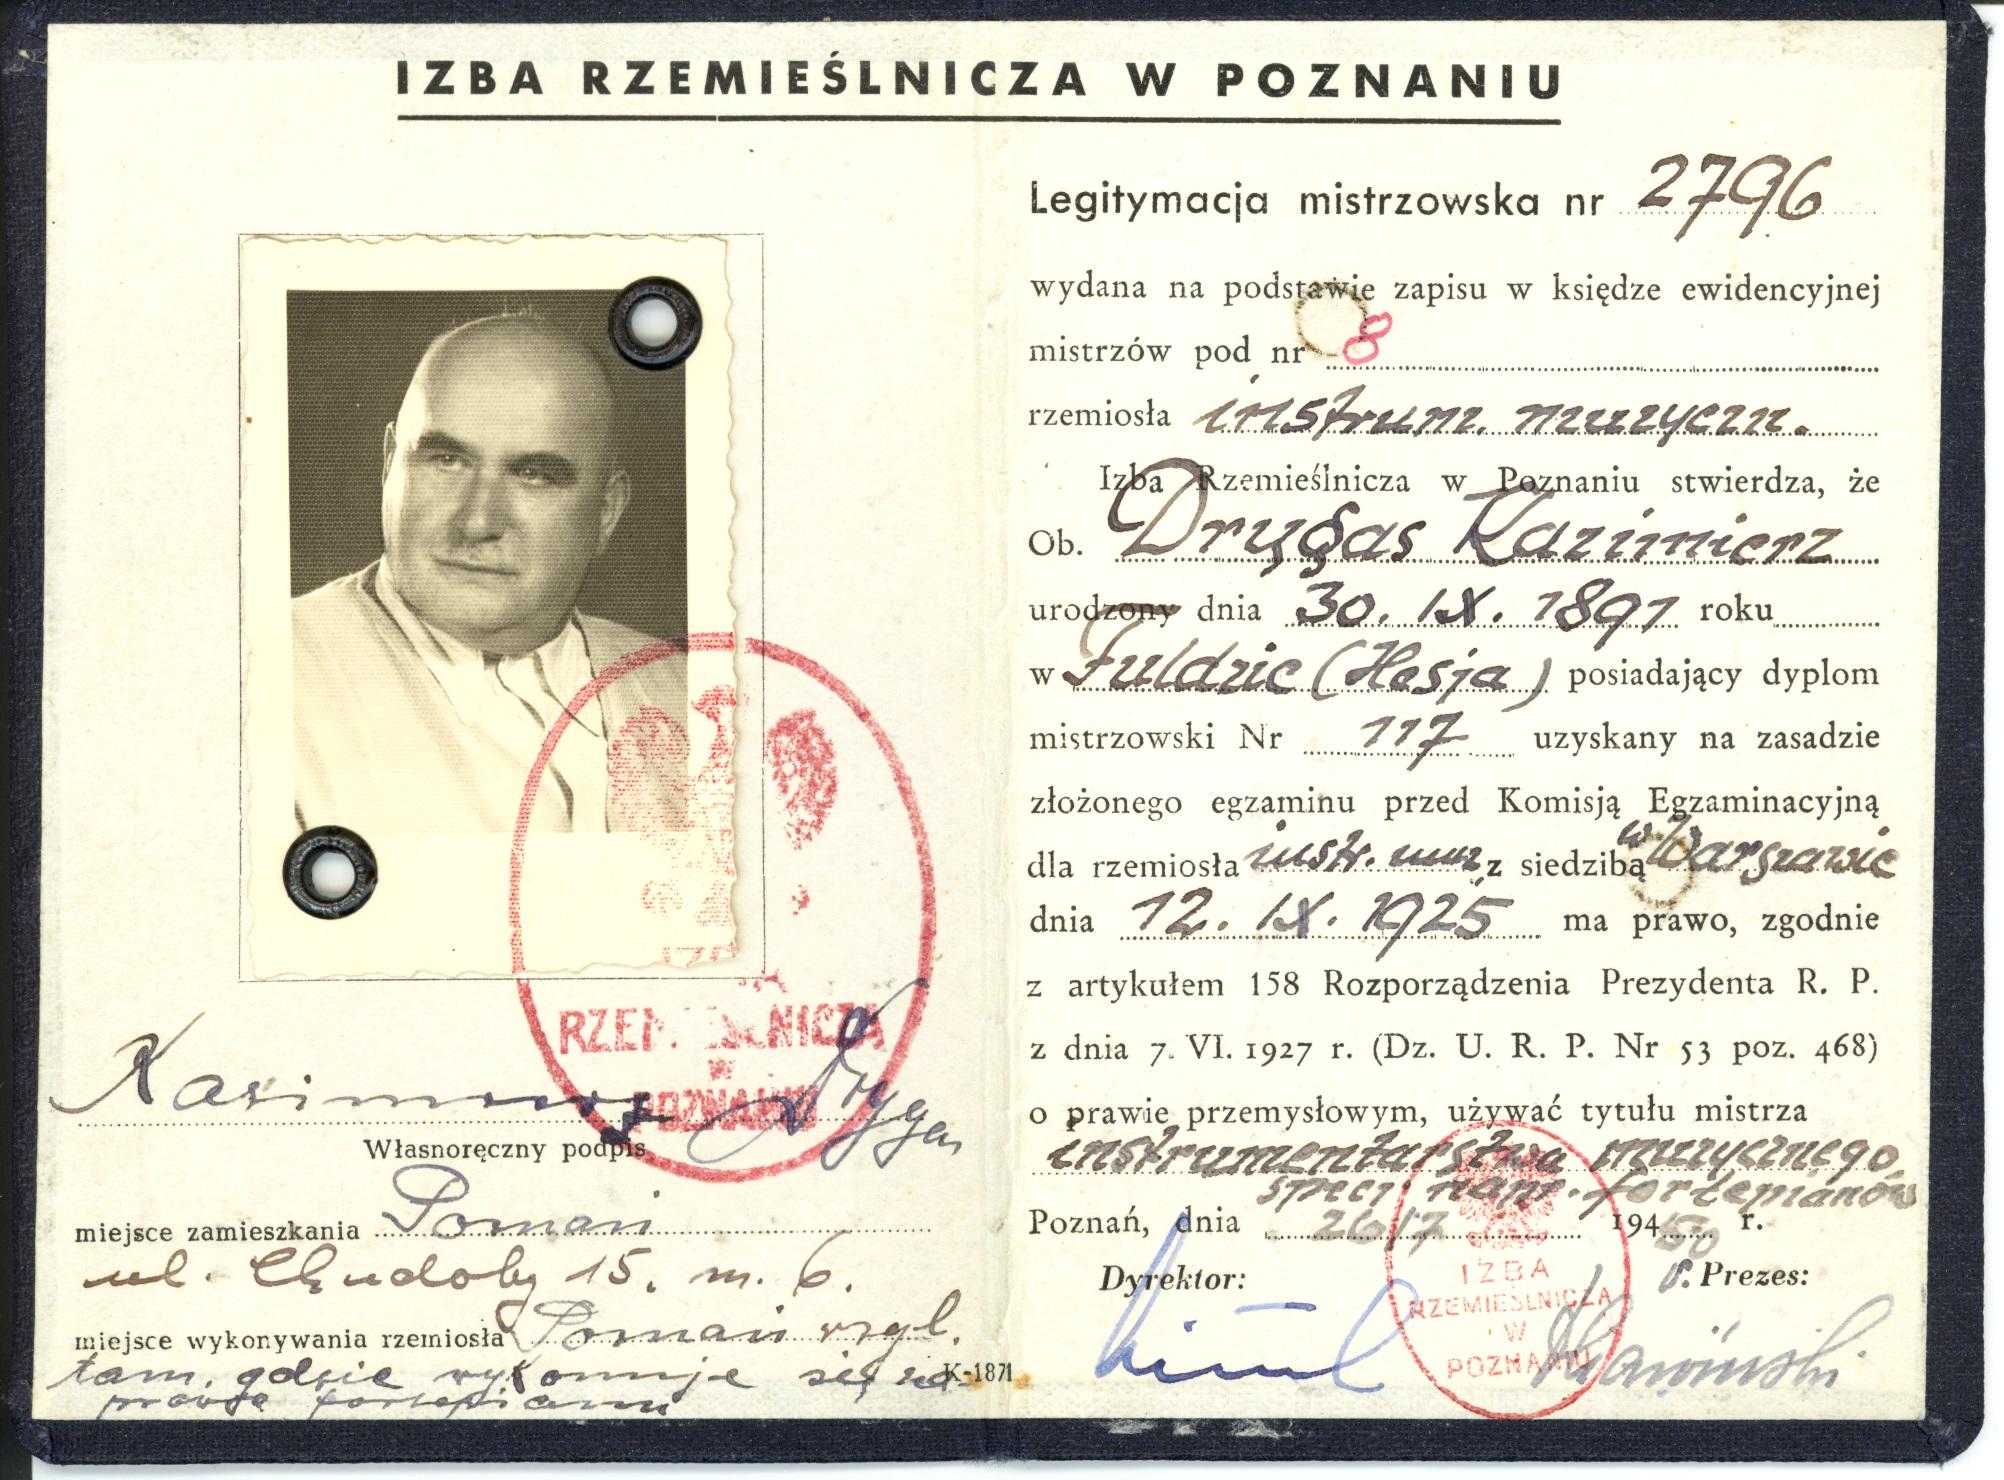 Legitymacja mistrzowska (prywatne archiwum rodzinne Macieja Drygasa)